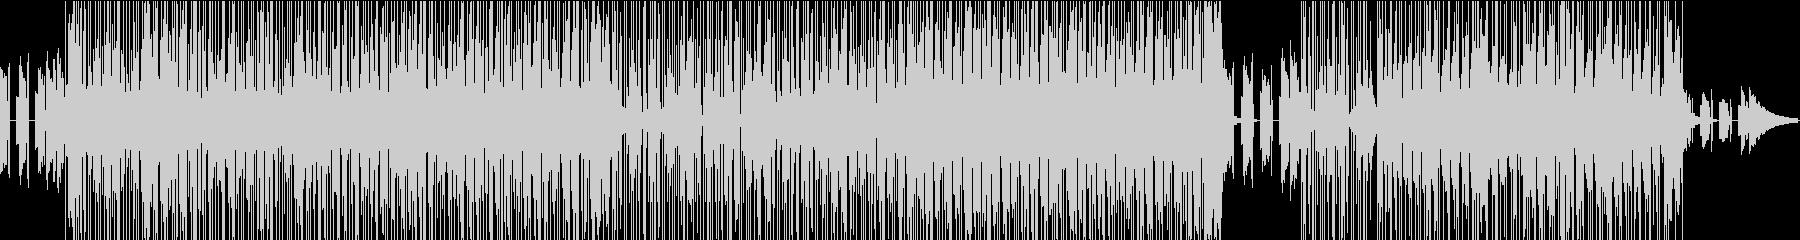 コード感のおしゃれなポップスの未再生の波形